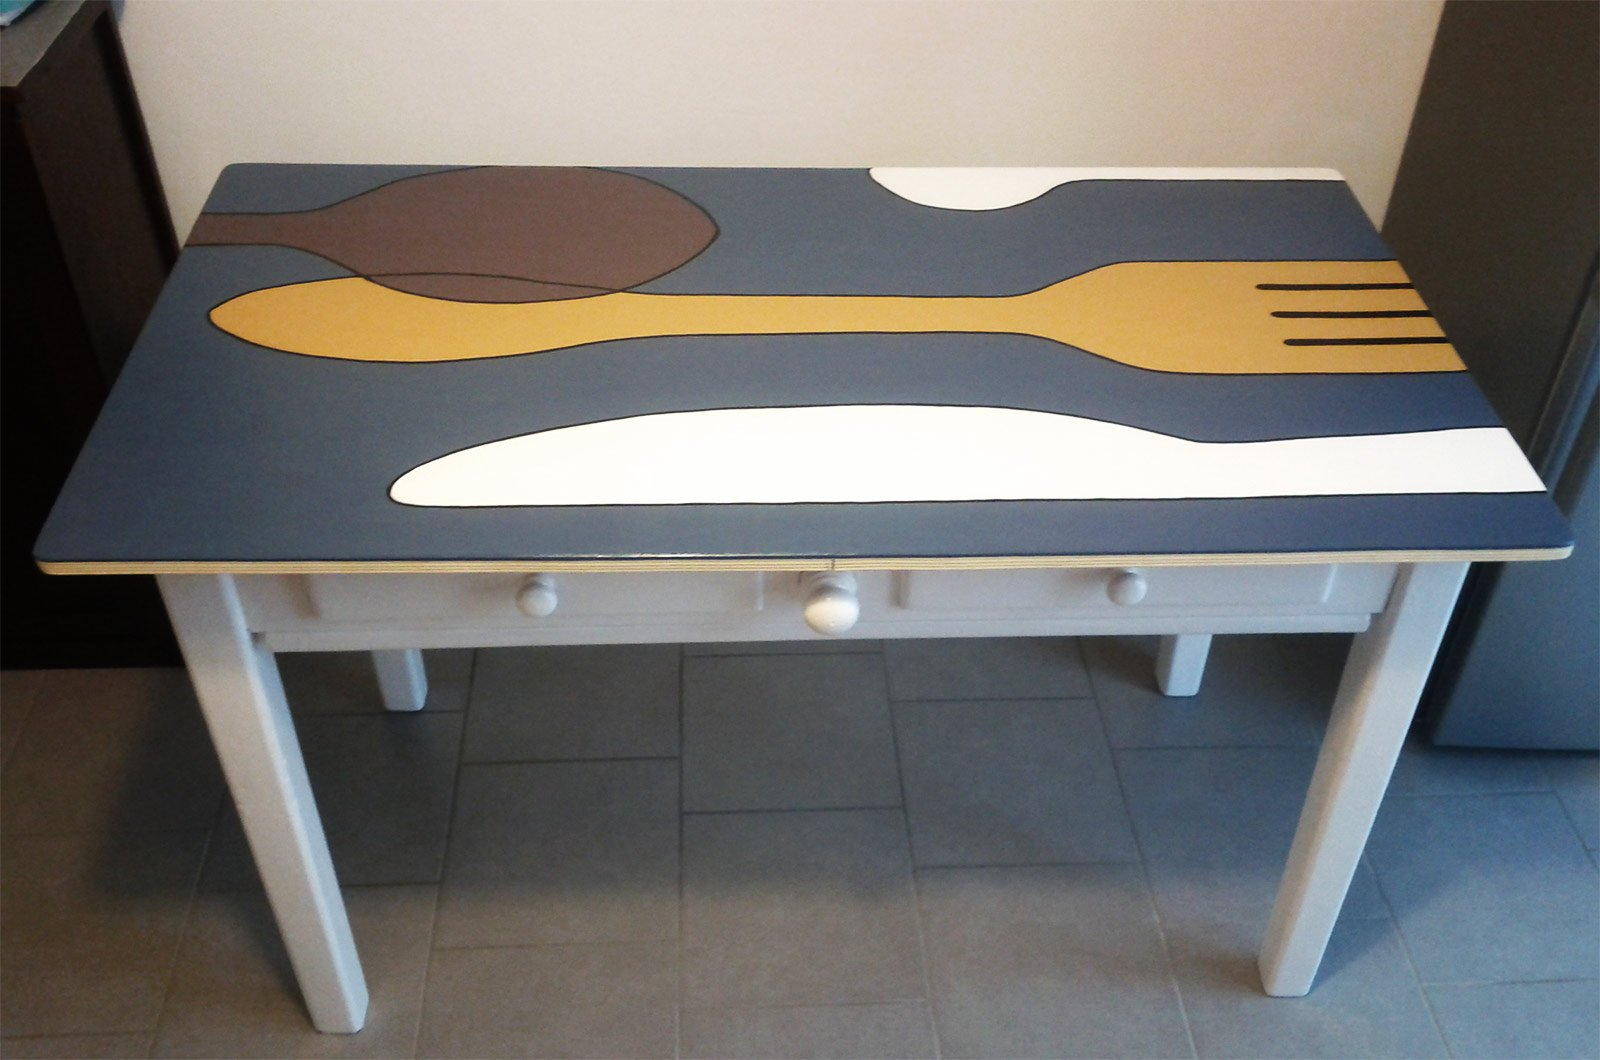 Un tavolo decorato con maxi posate cose di casa - Portacellulare da tavolo fai da te ...